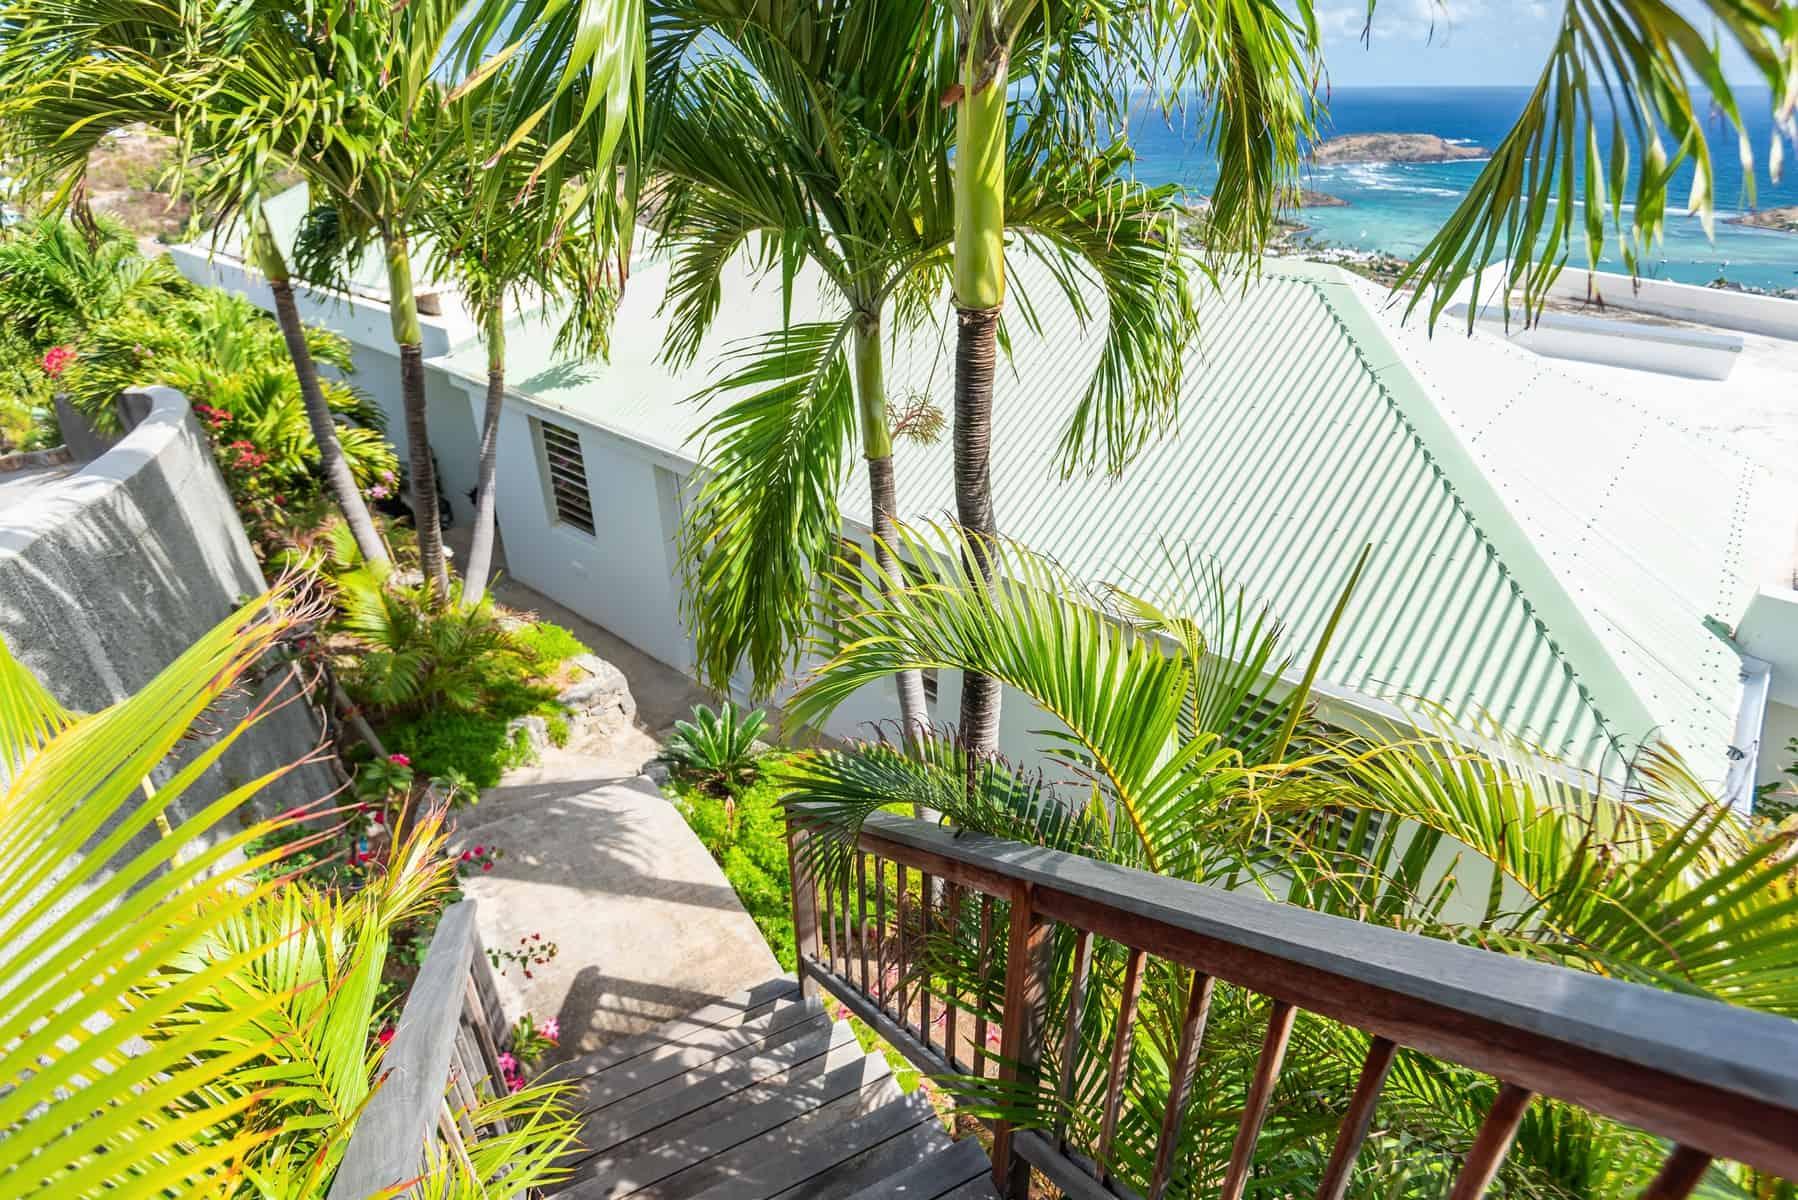 Modern 2 bedroom villa with extraordinary views of Grand Cul de Sac